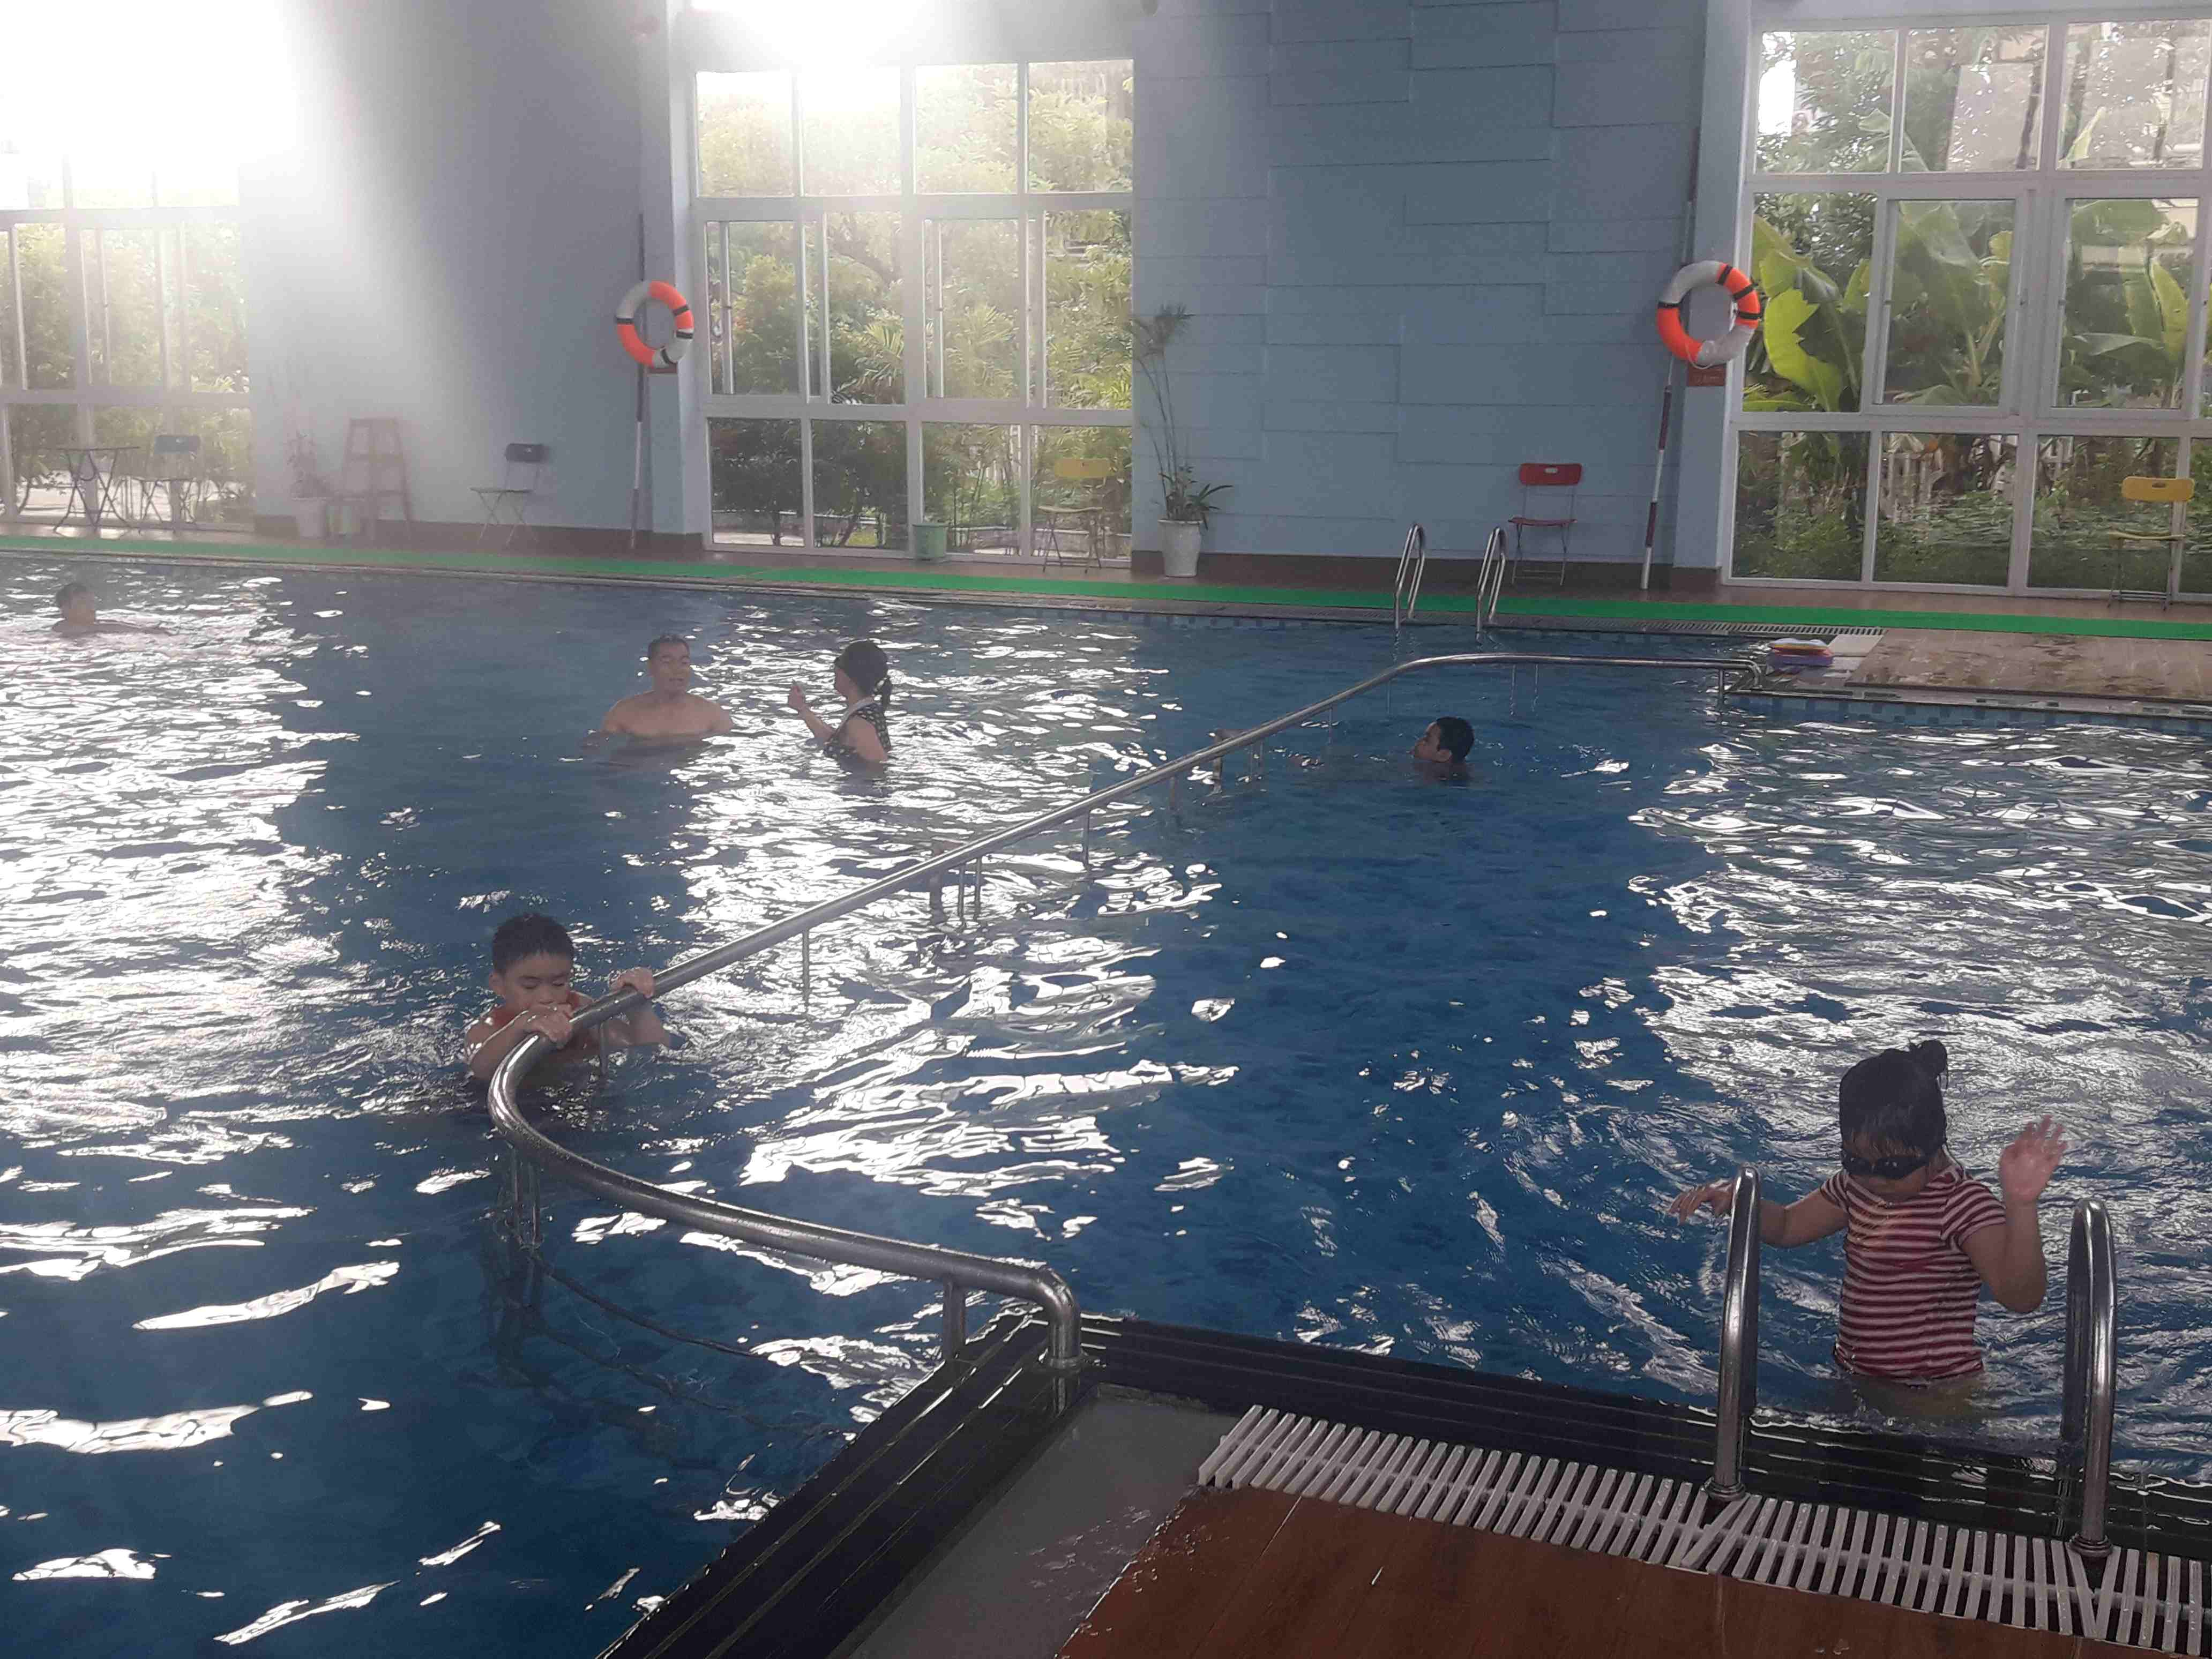 Bài 2 - Quản lý hoạt động bể bơi Bốn Mùa 379: Còn nhiều lỗ hổng!